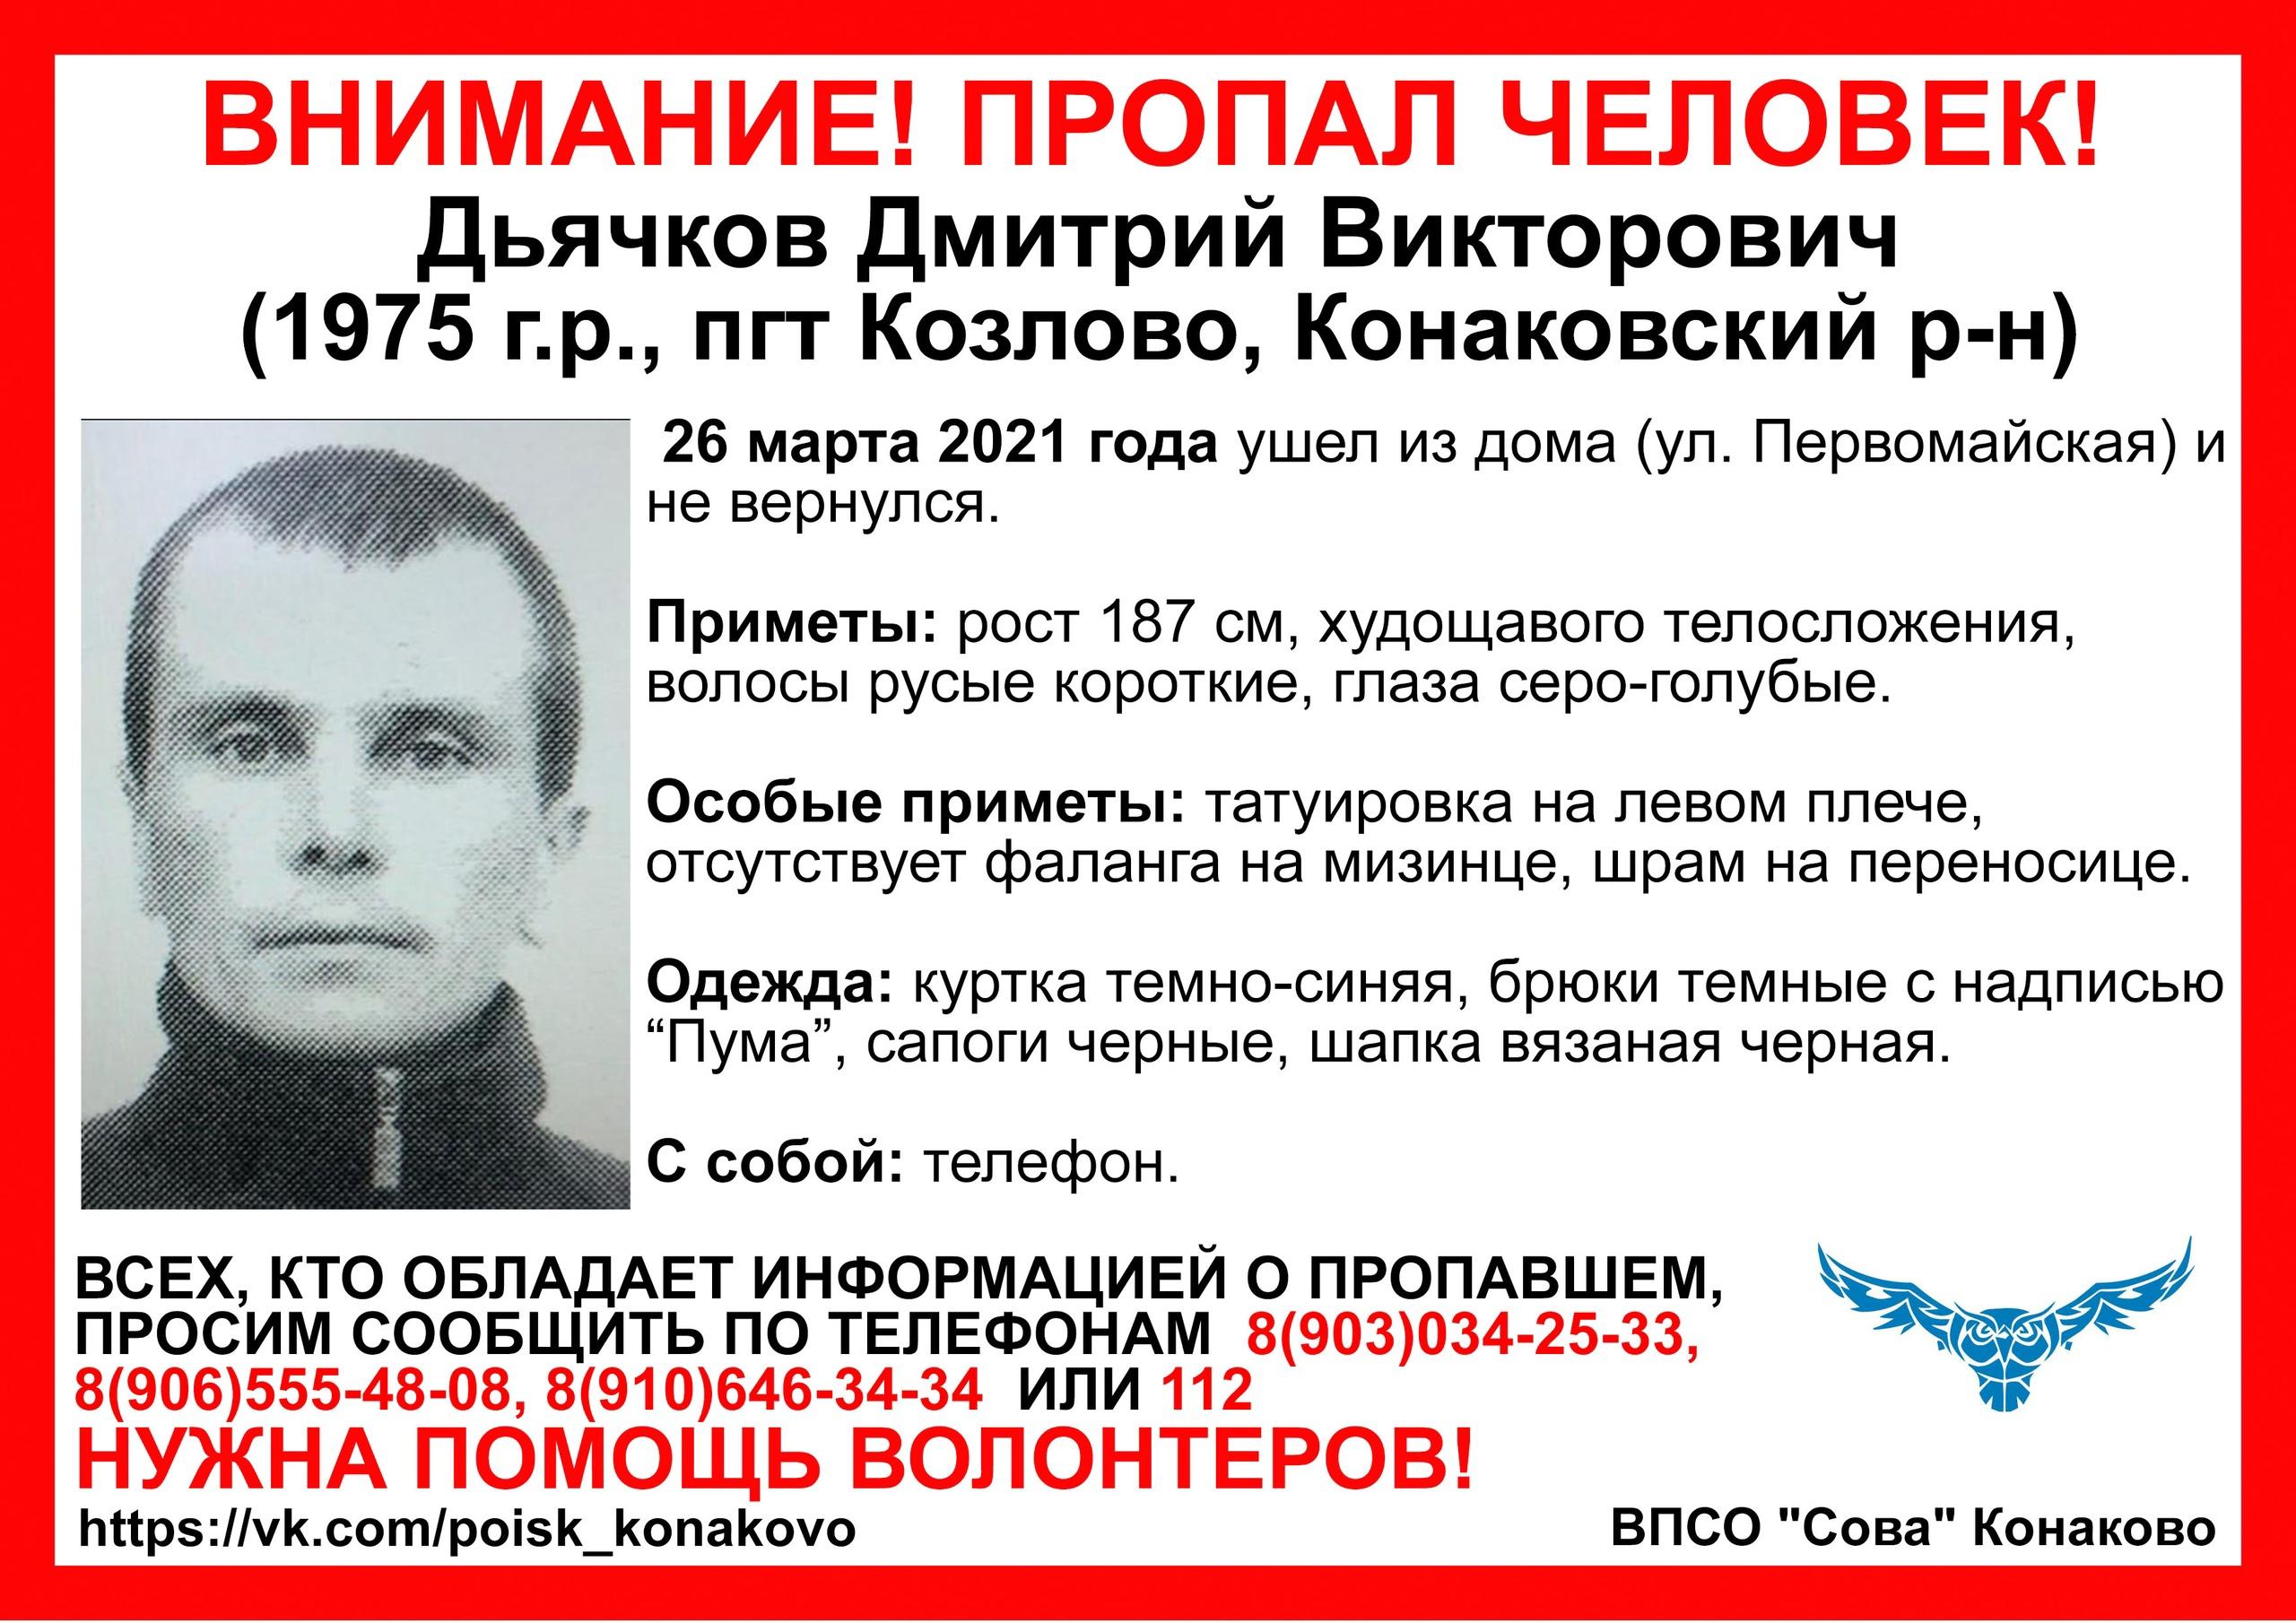 В Тверской области ищут худого мужчину без фаланги пальца